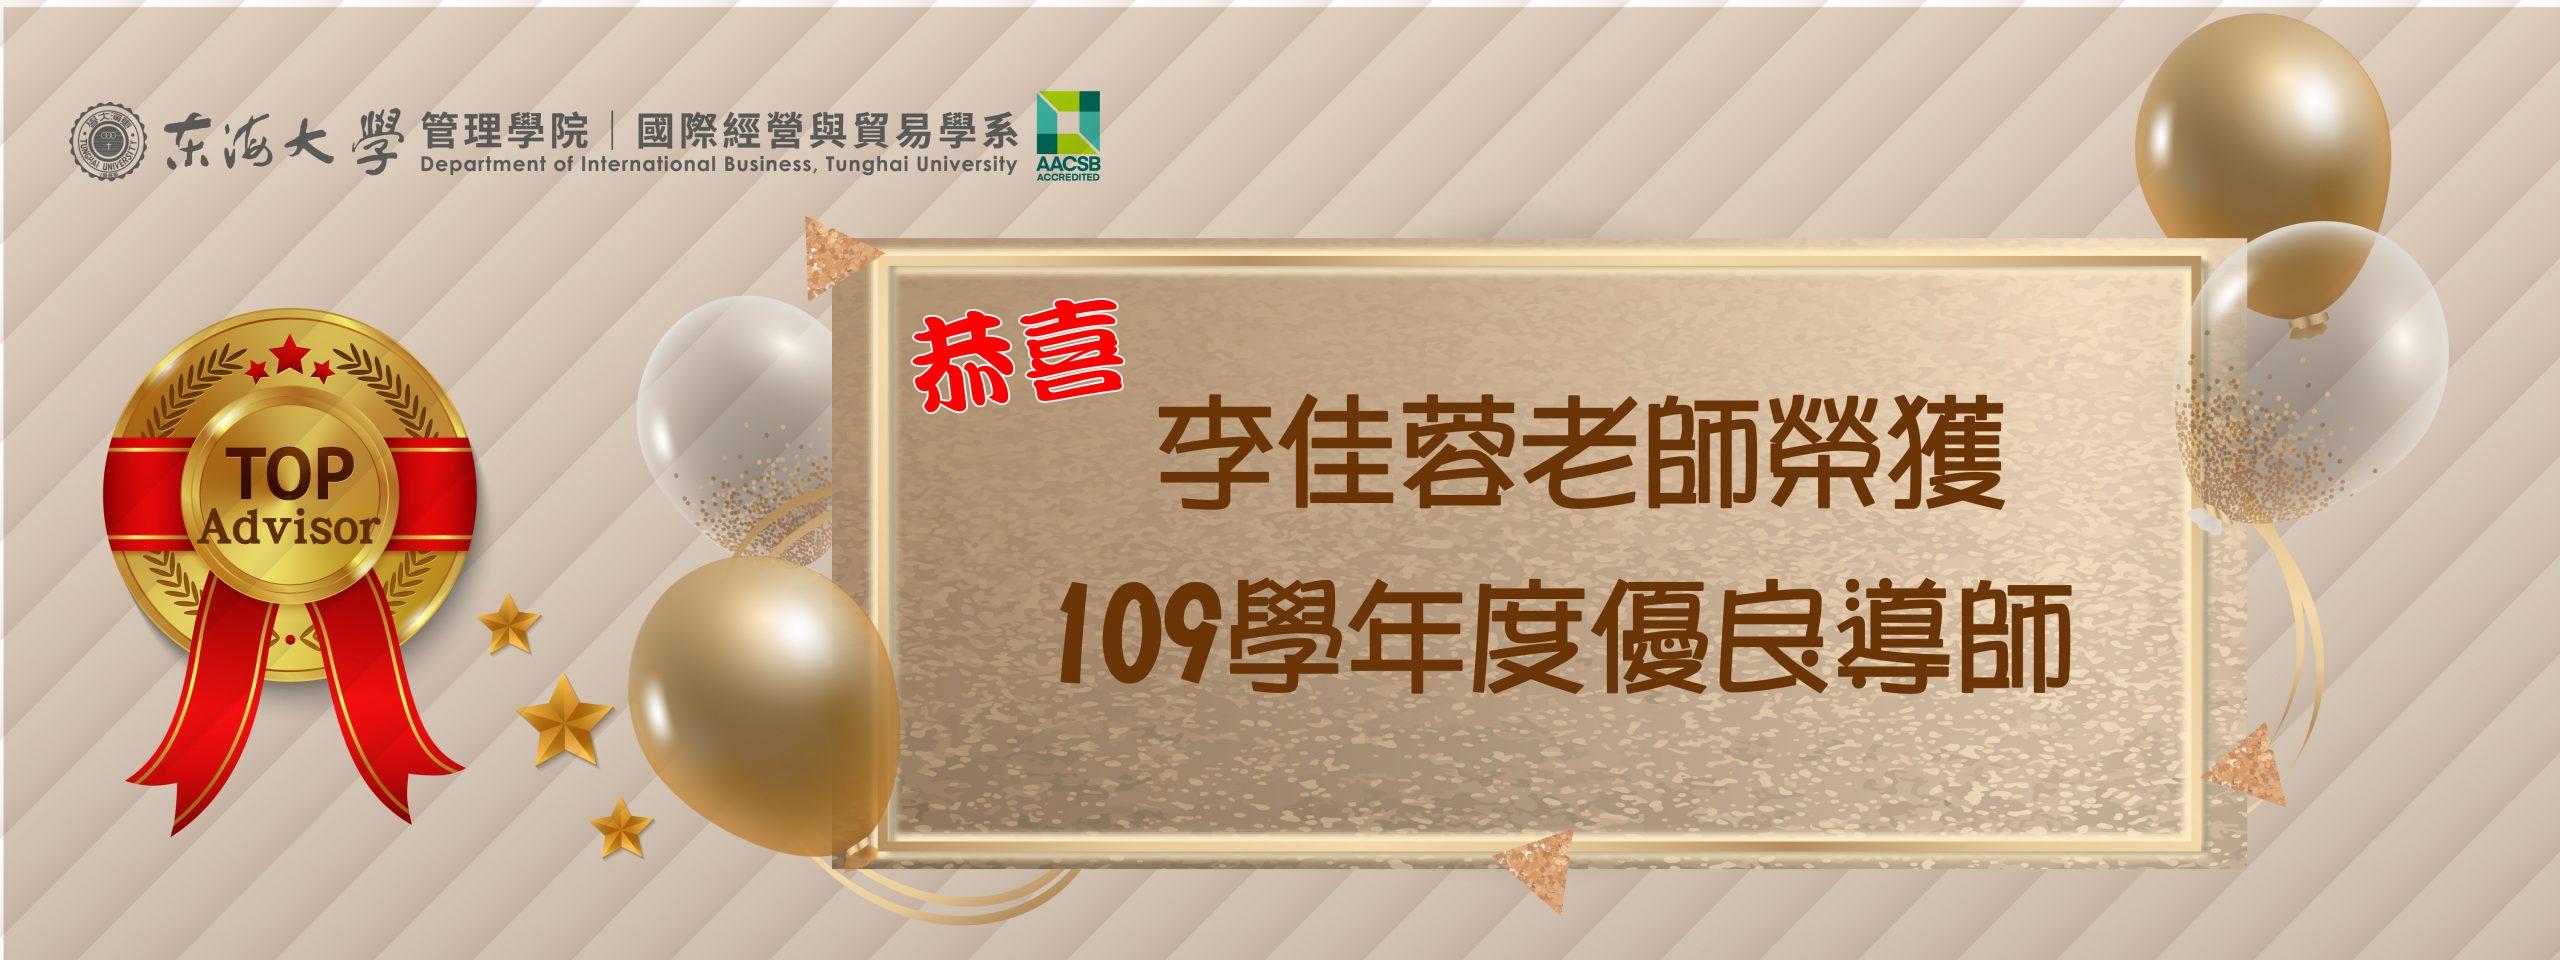 109優良導師-李佳蓉老師